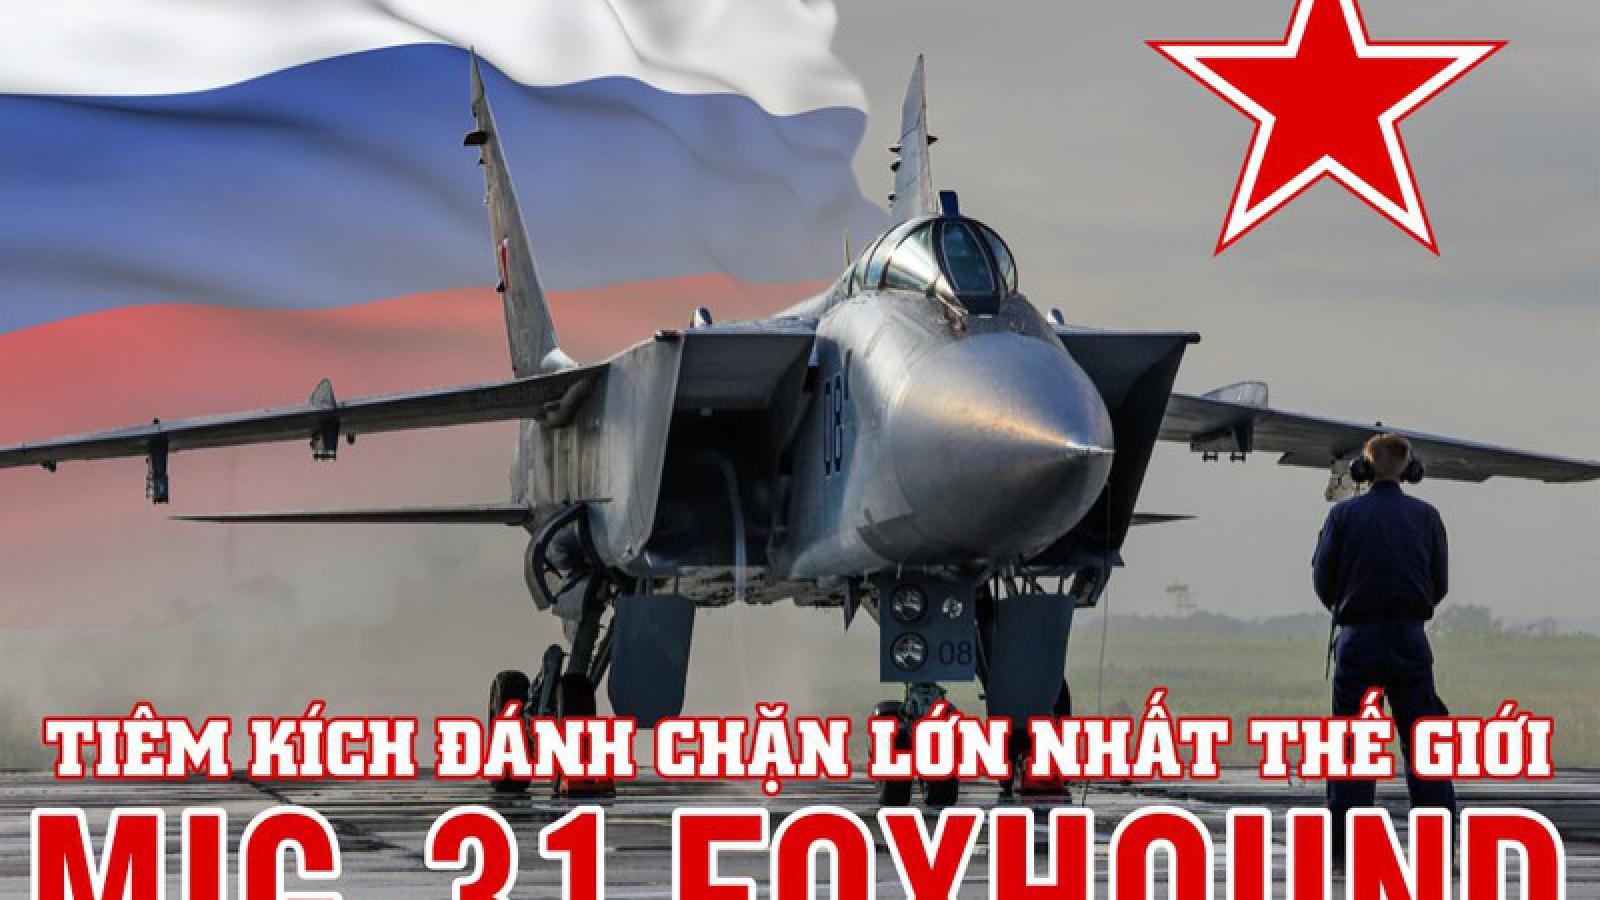 Infographic: MiG-31 - Tiêm kích đánh chặn lớn nhất thế giới của Nga